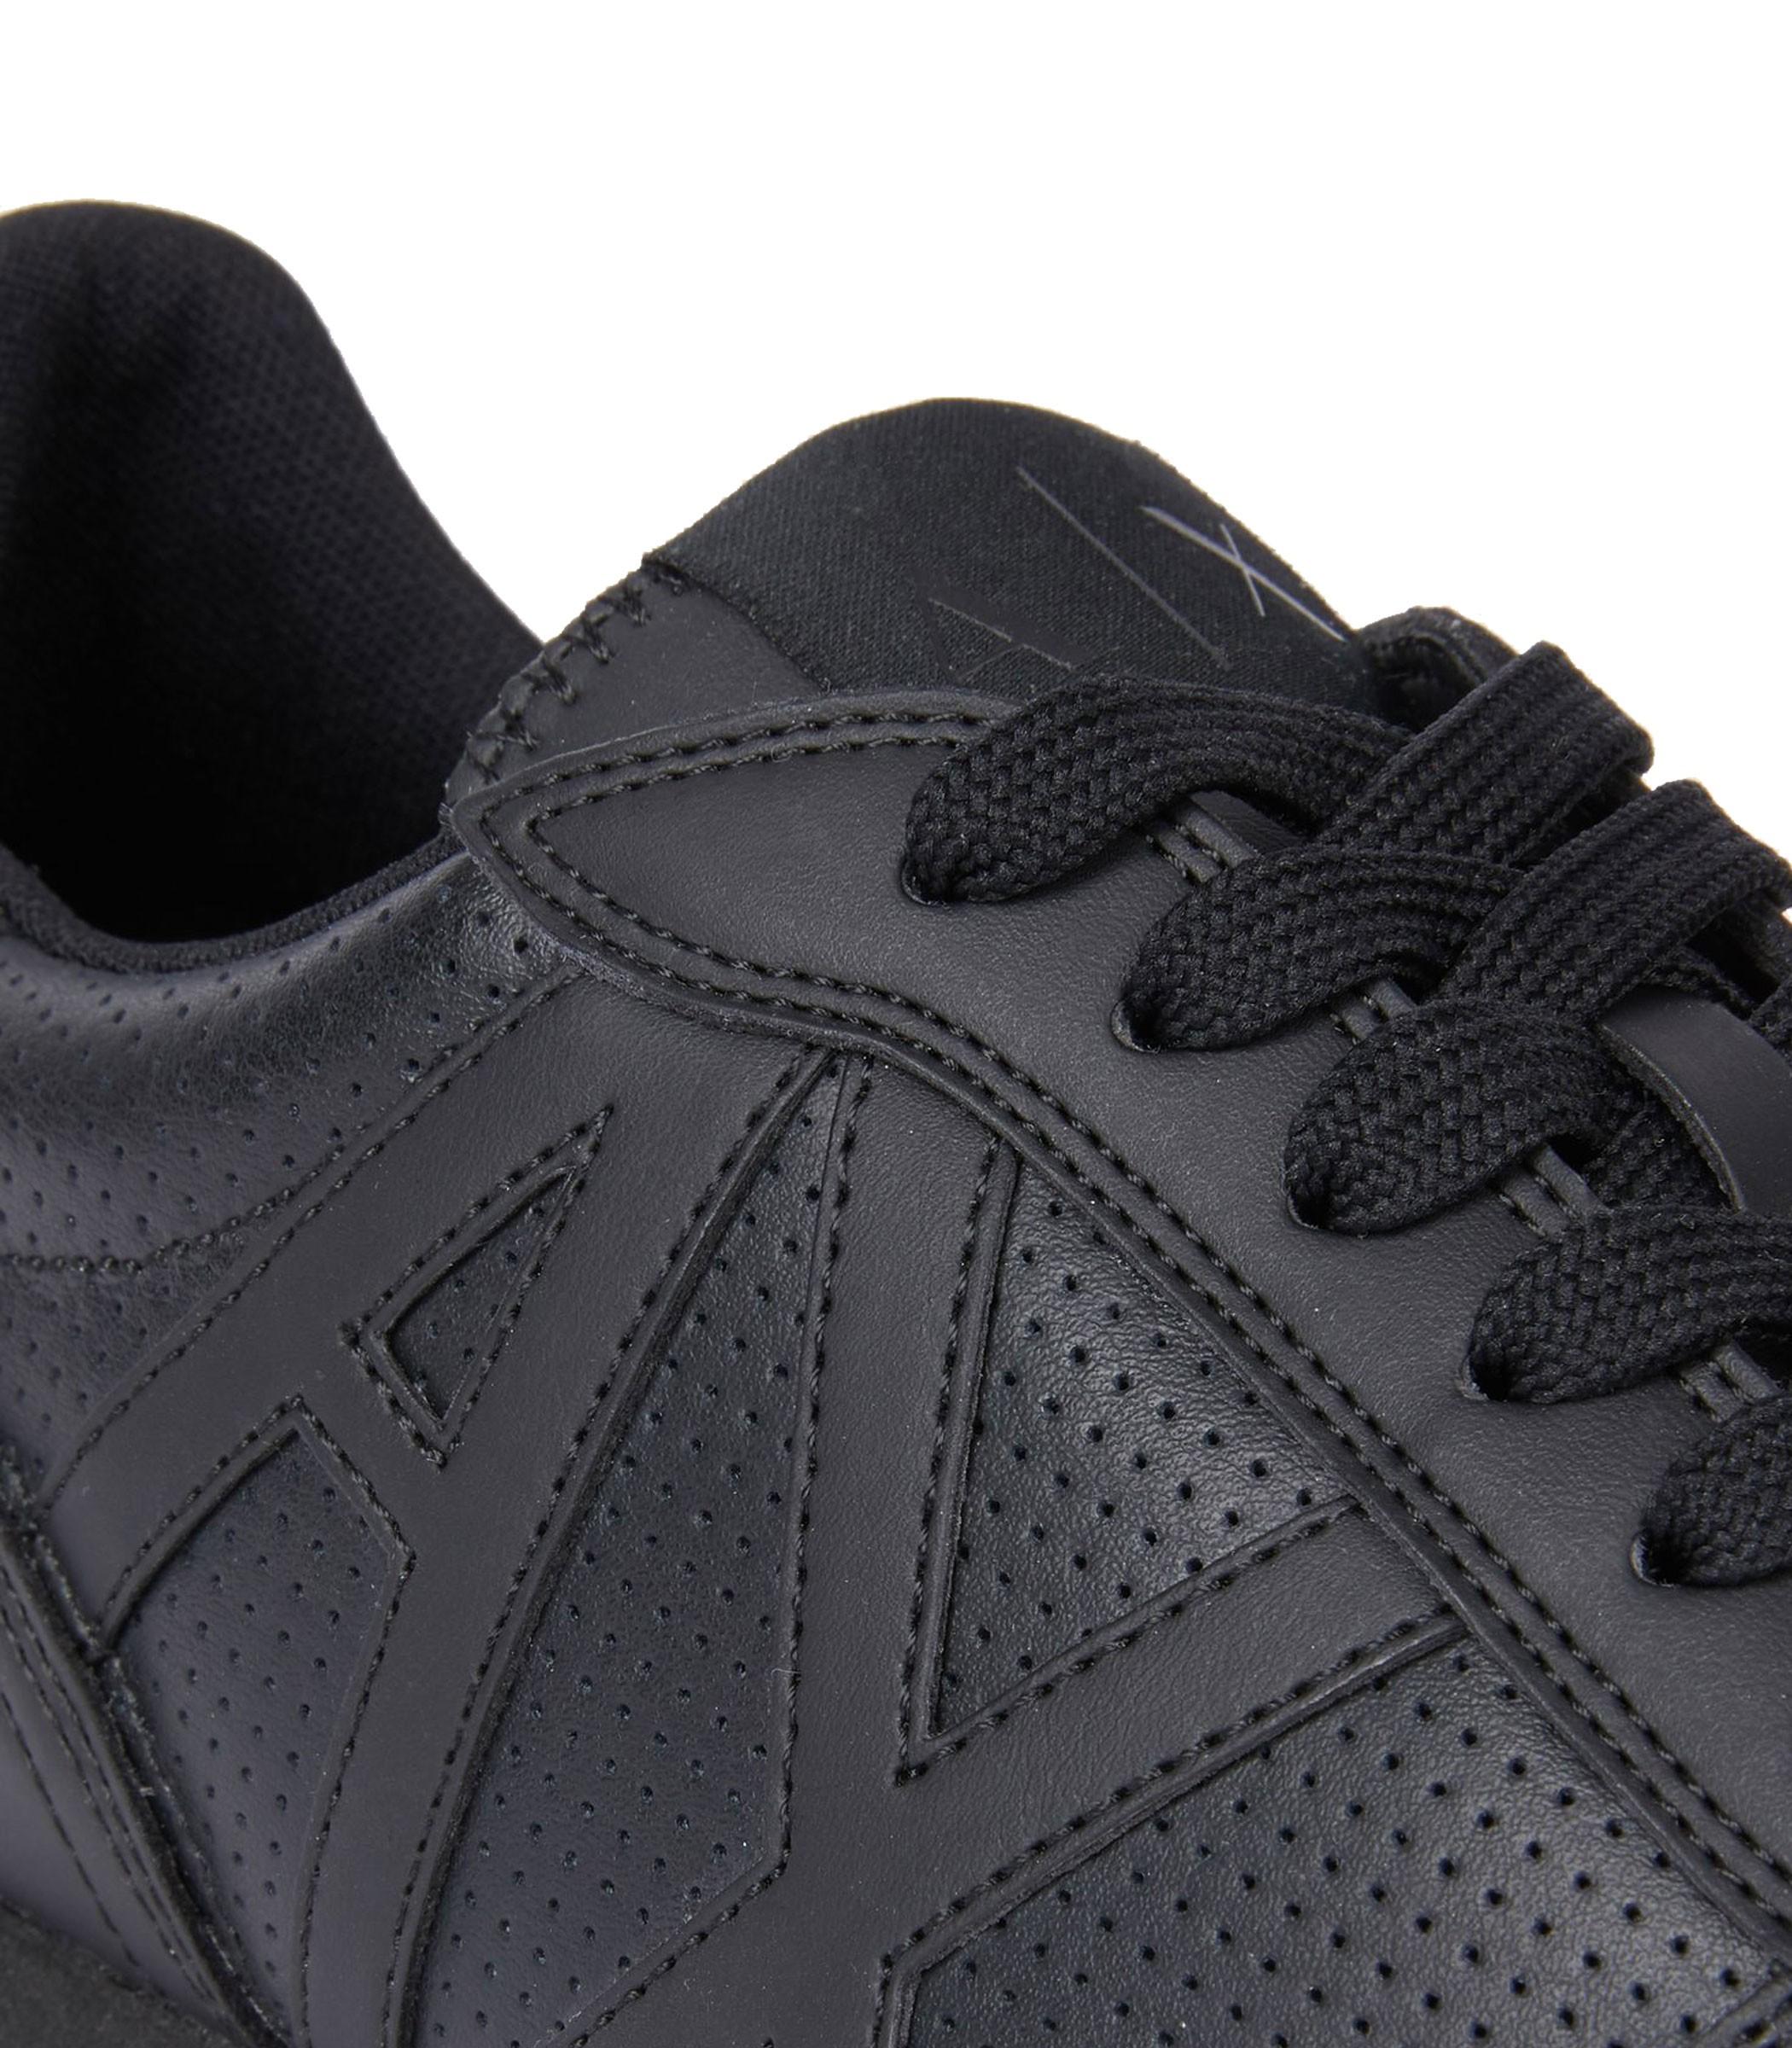 Scarpe da uomo sneakers Armani Mod. Exchange colore Nero XUX017 ... 3d3bd655bef